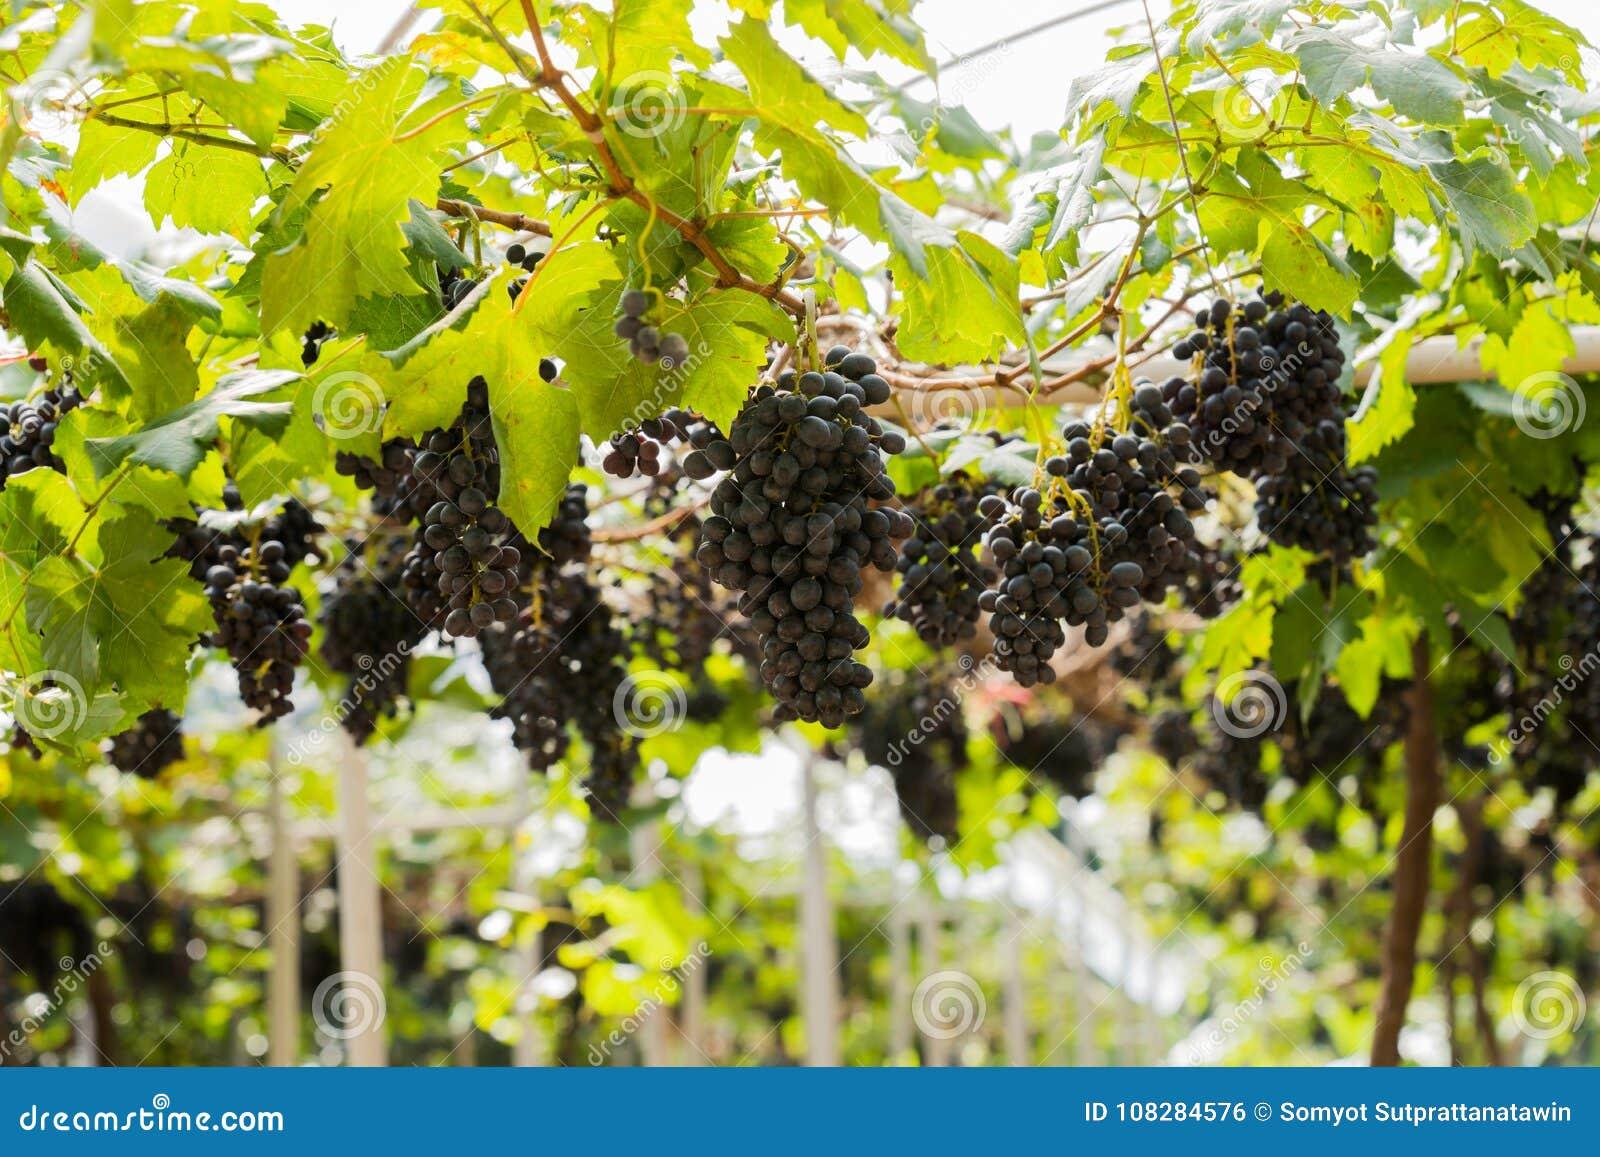 Vingård med den organiska nya druvan för frukt och vin